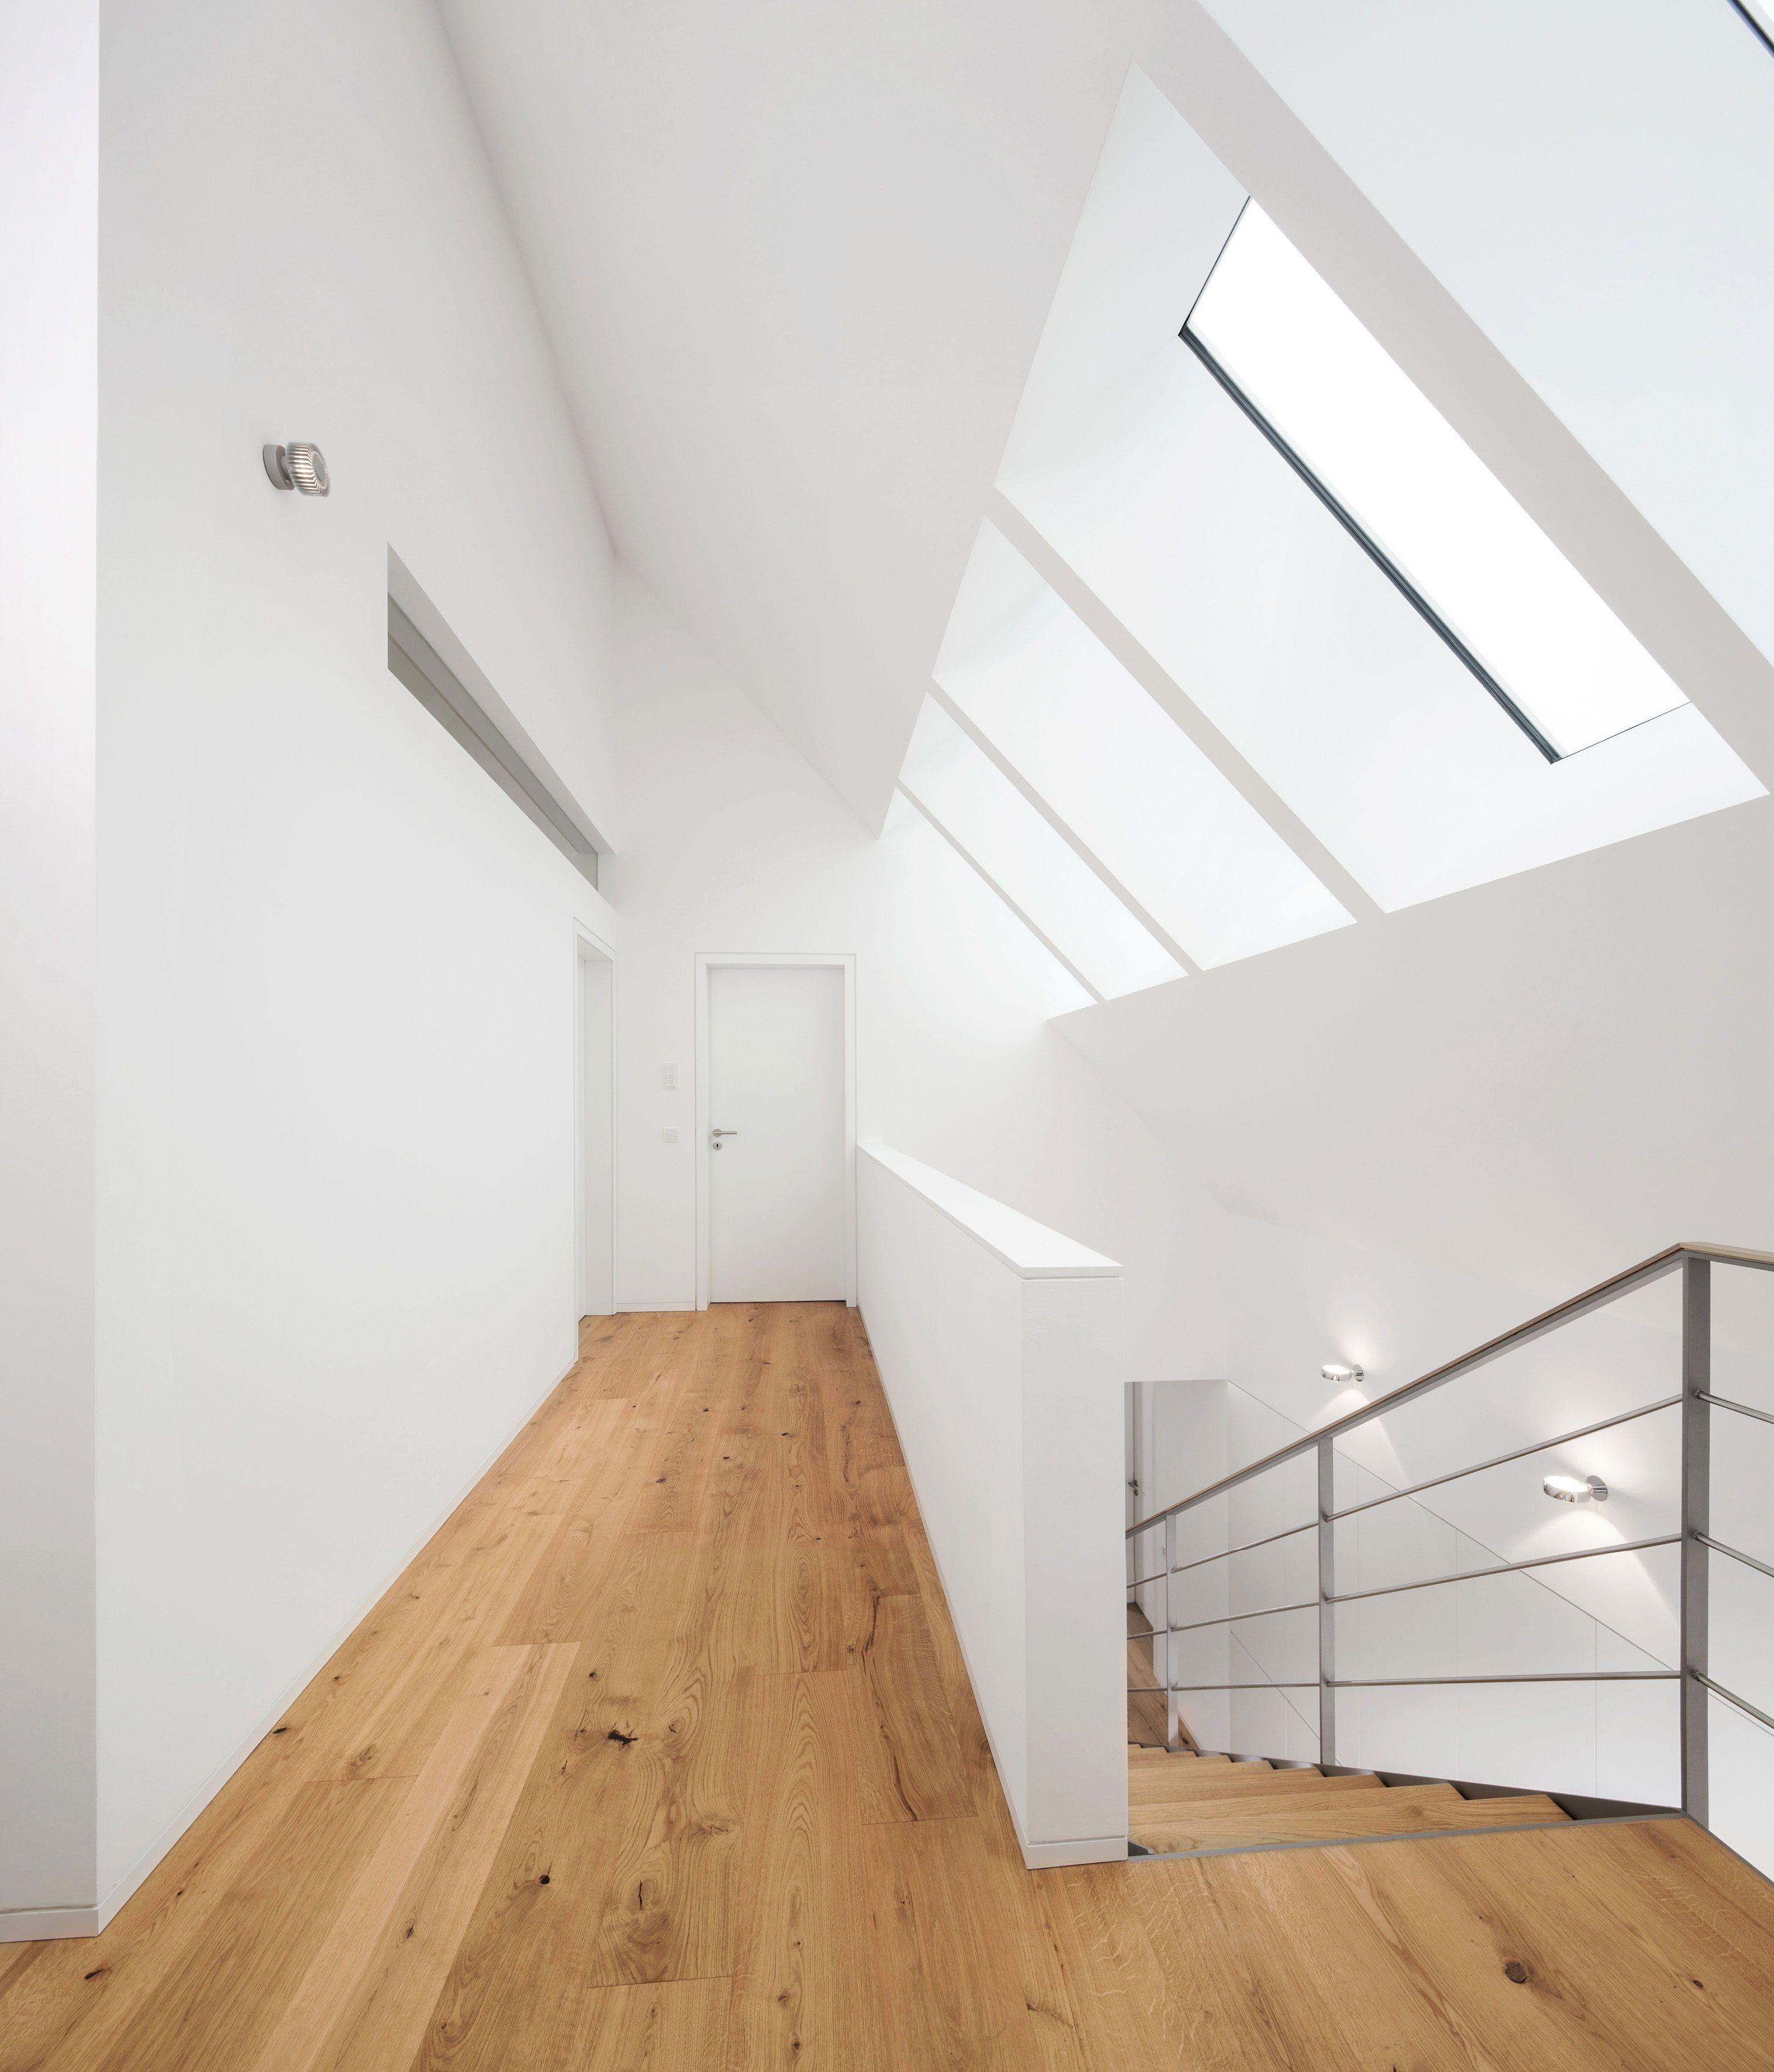 Dachfenster einbauen: Typen, Kosten, Anleitung - DAS HAUS